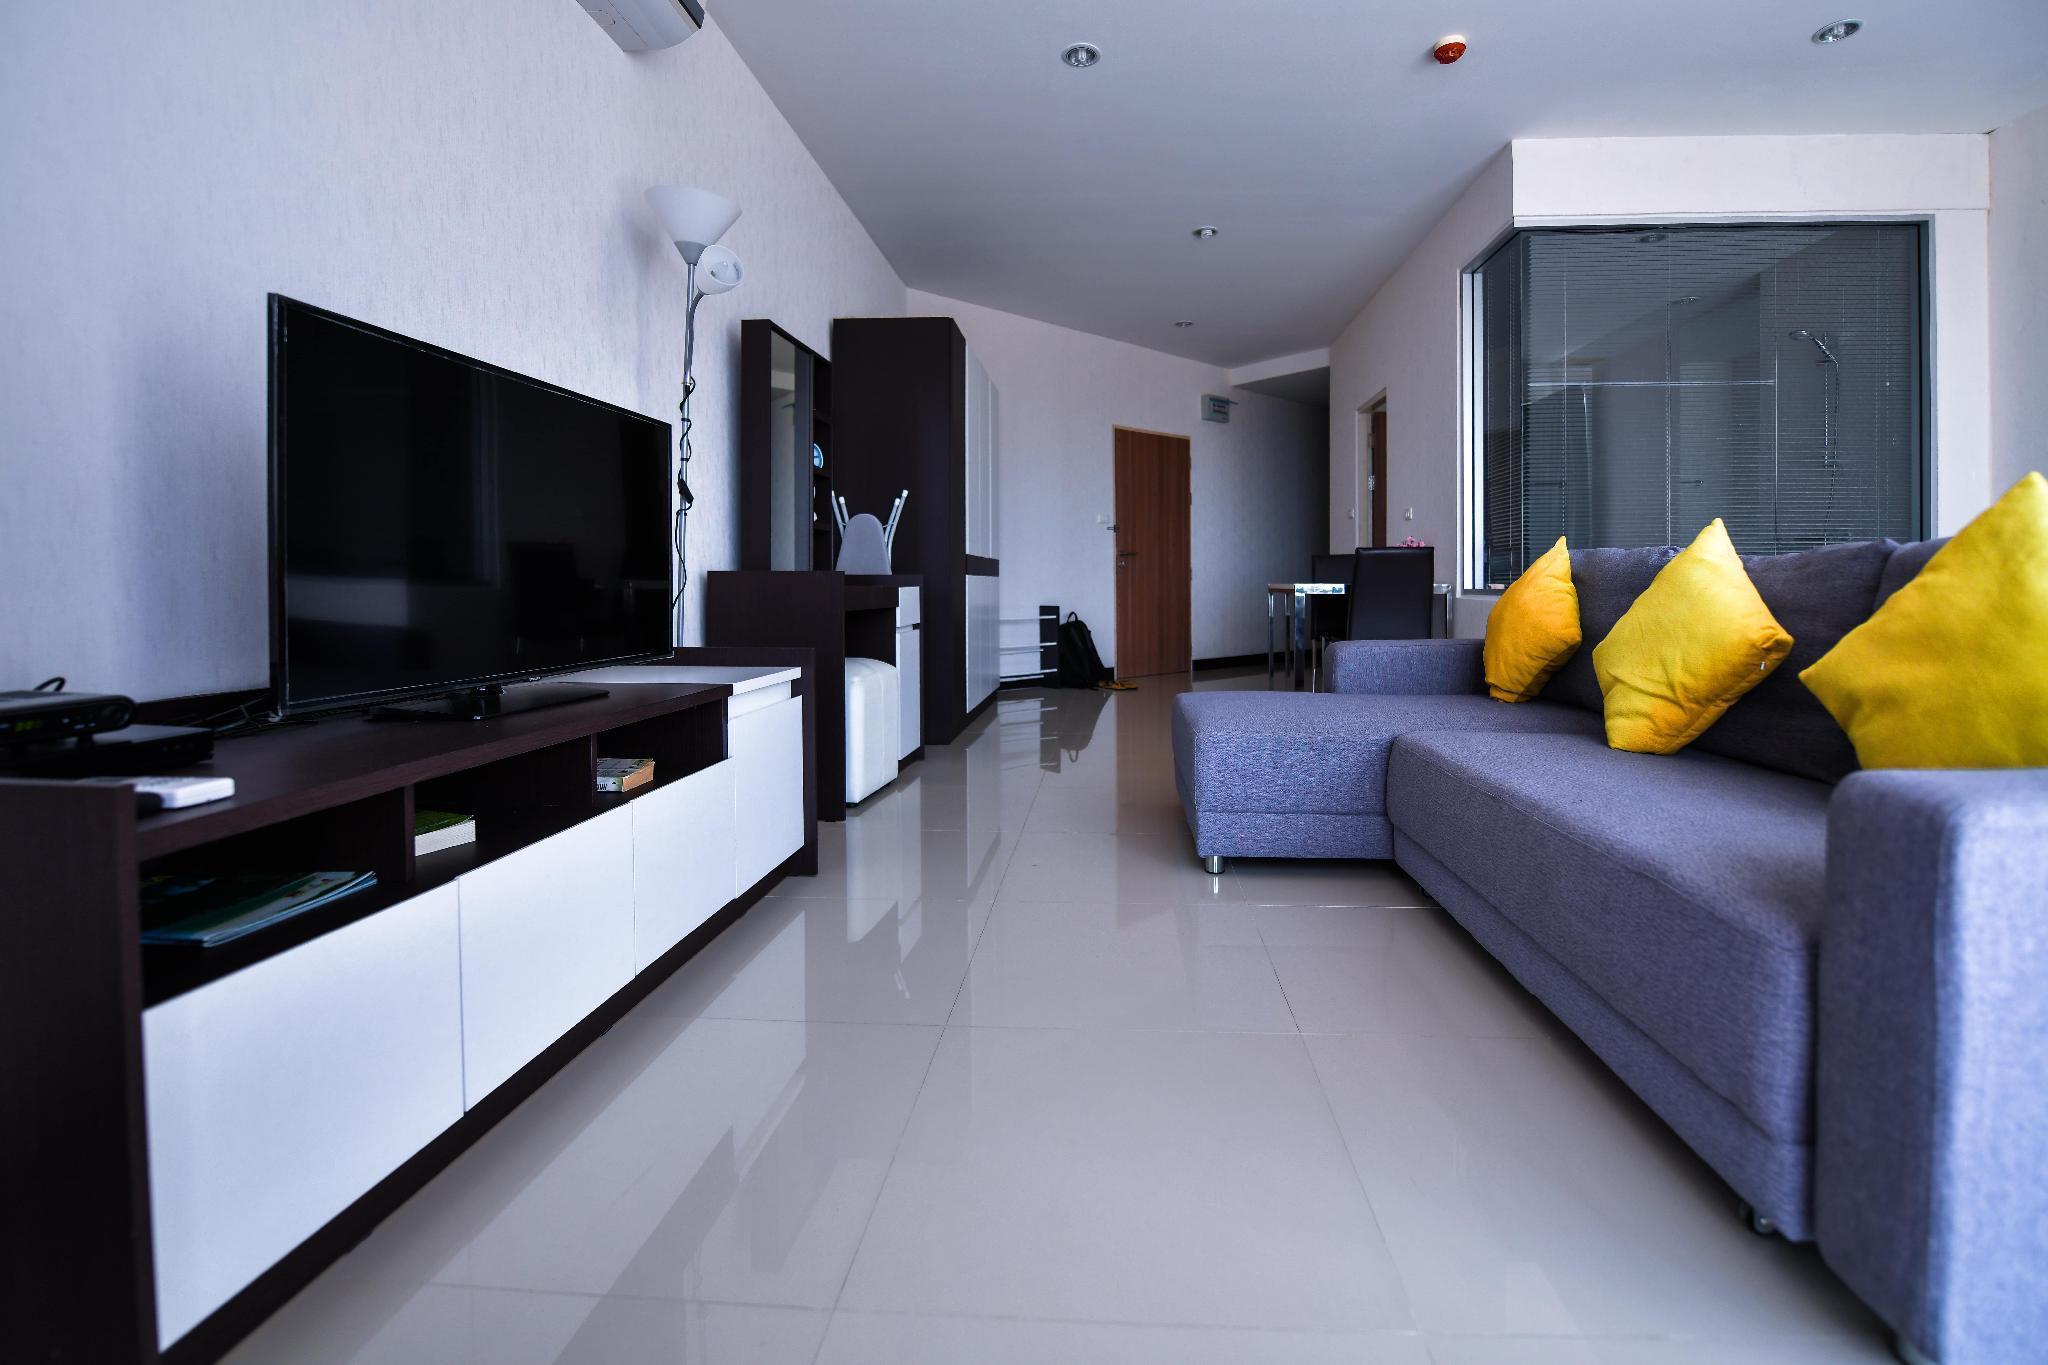 Sea view studio Milena 5 mins walk to Karon beach อพาร์ตเมนต์ 1 ห้องนอน 1 ห้องน้ำส่วนตัว ขนาด 47 ตร.ม. – กะรน